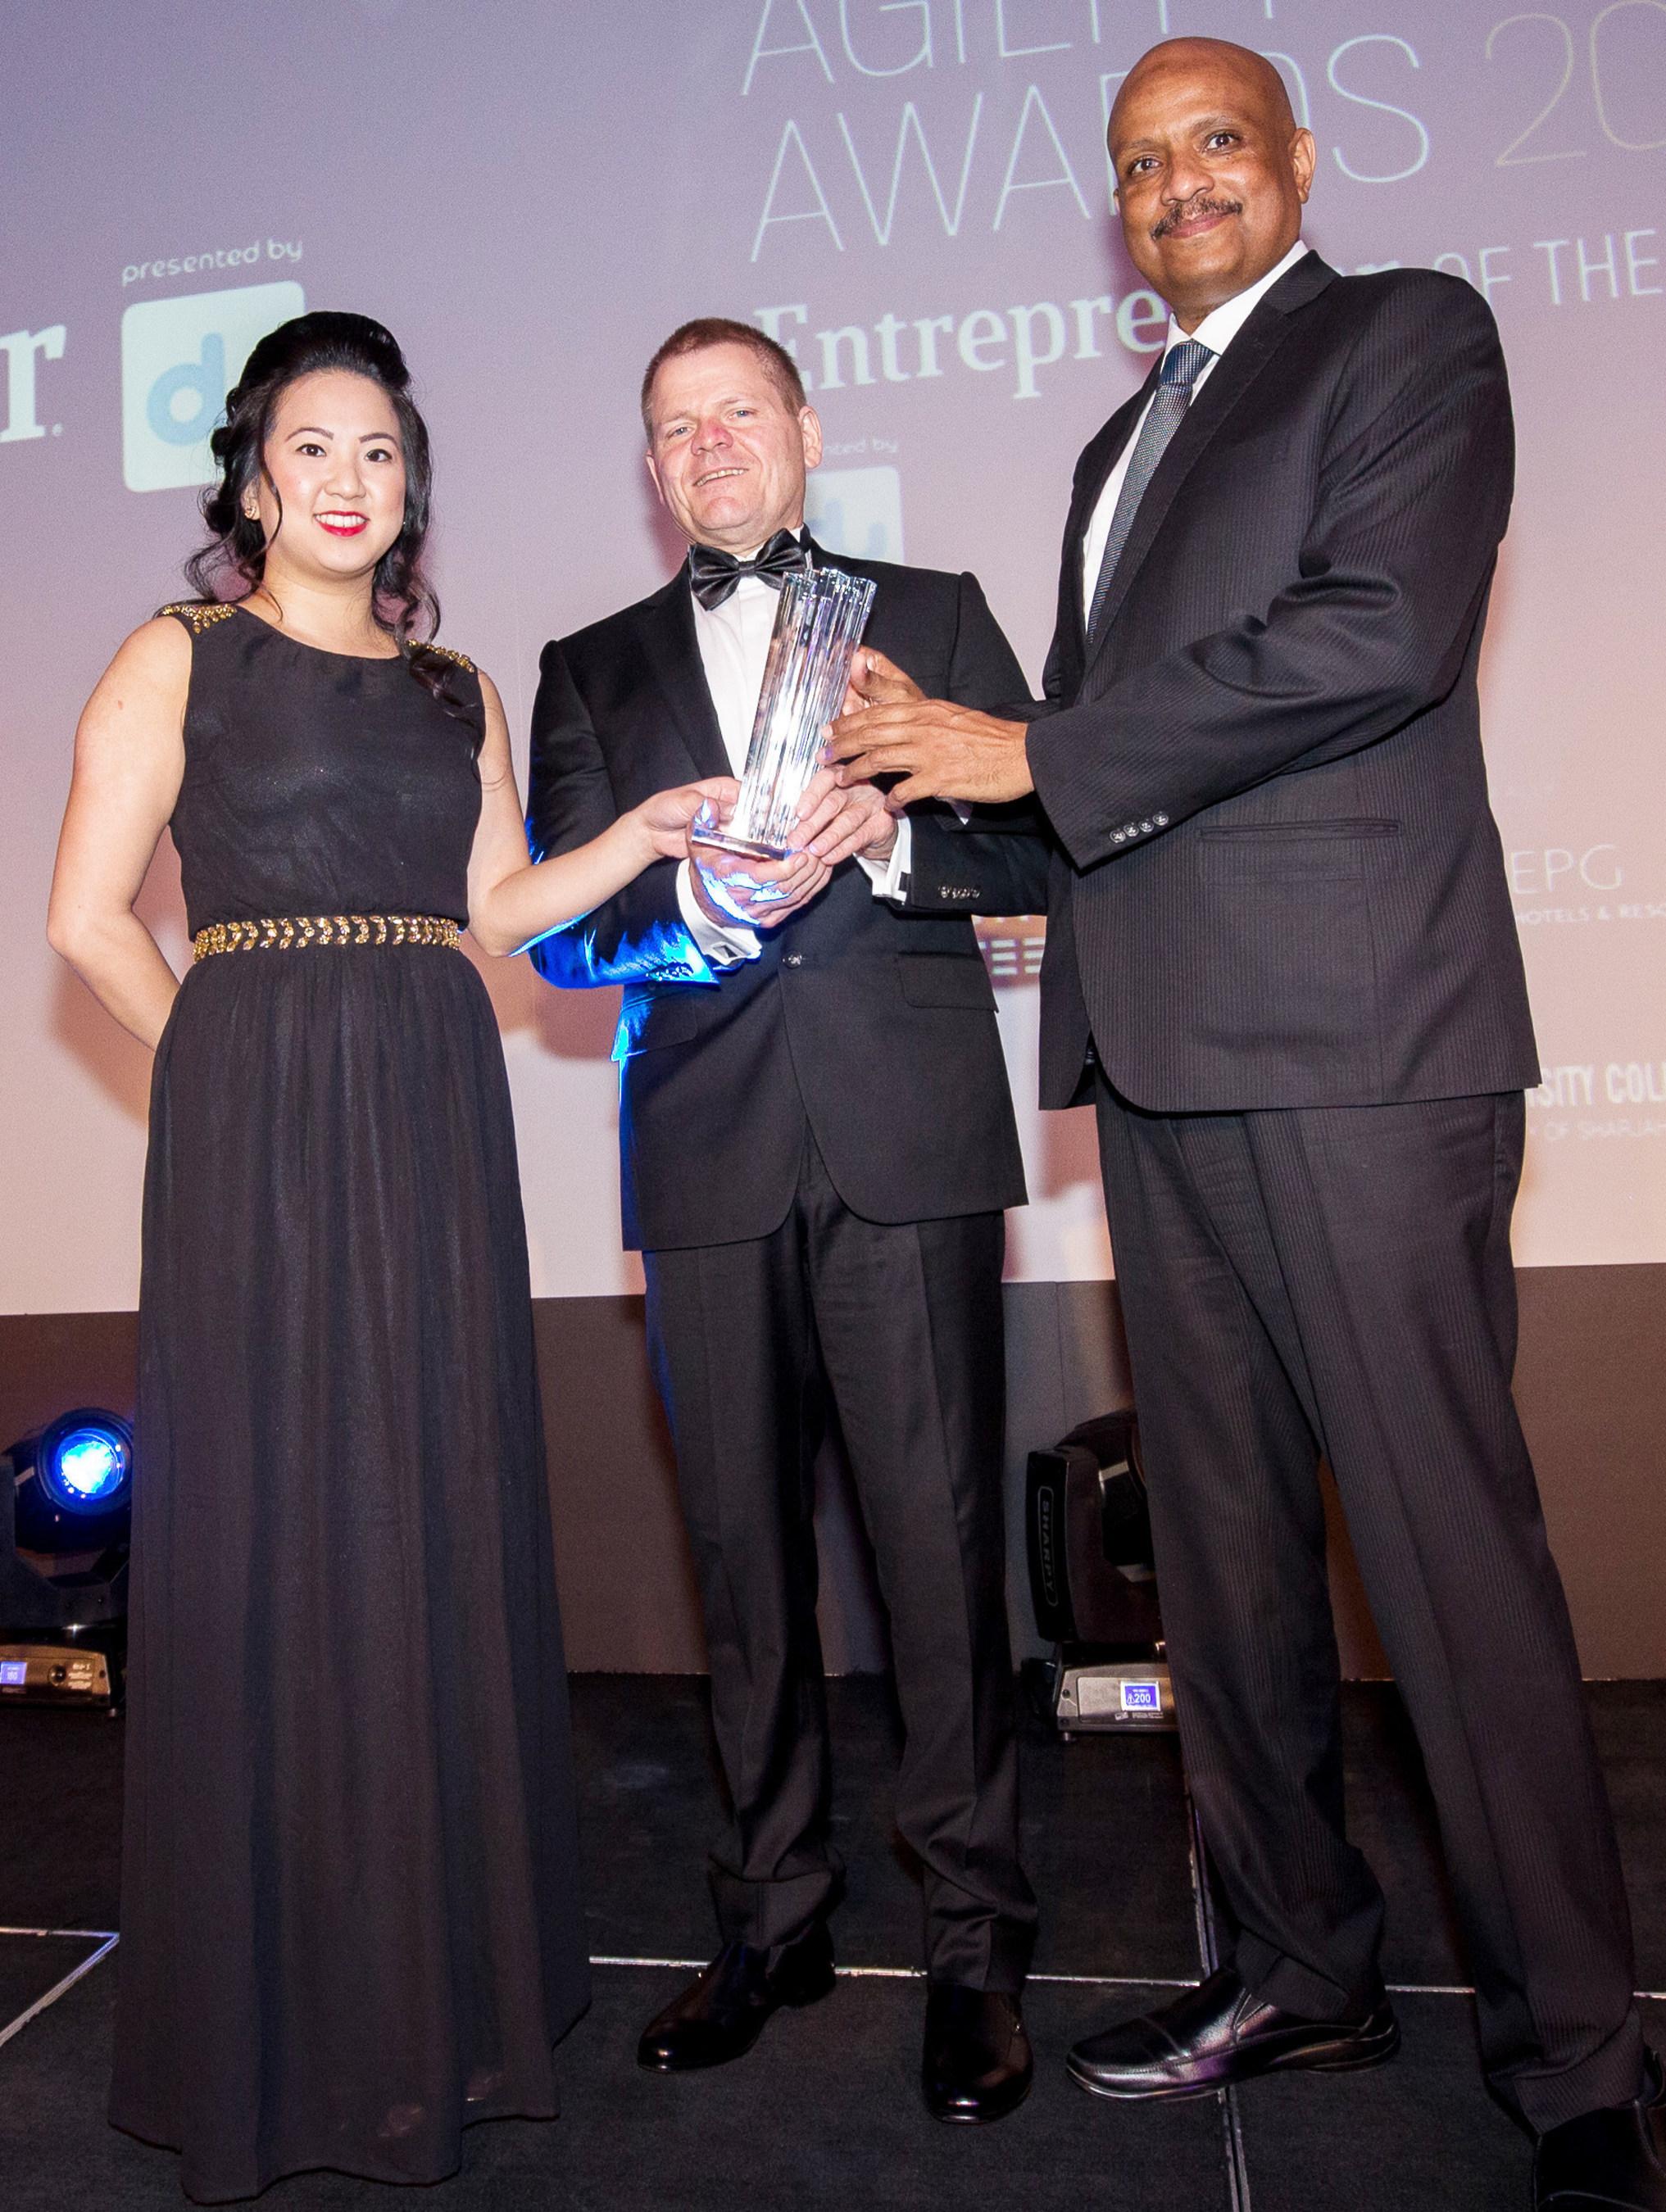 ONEm wins award for Technology Innovation from Entrepreneur Magazine